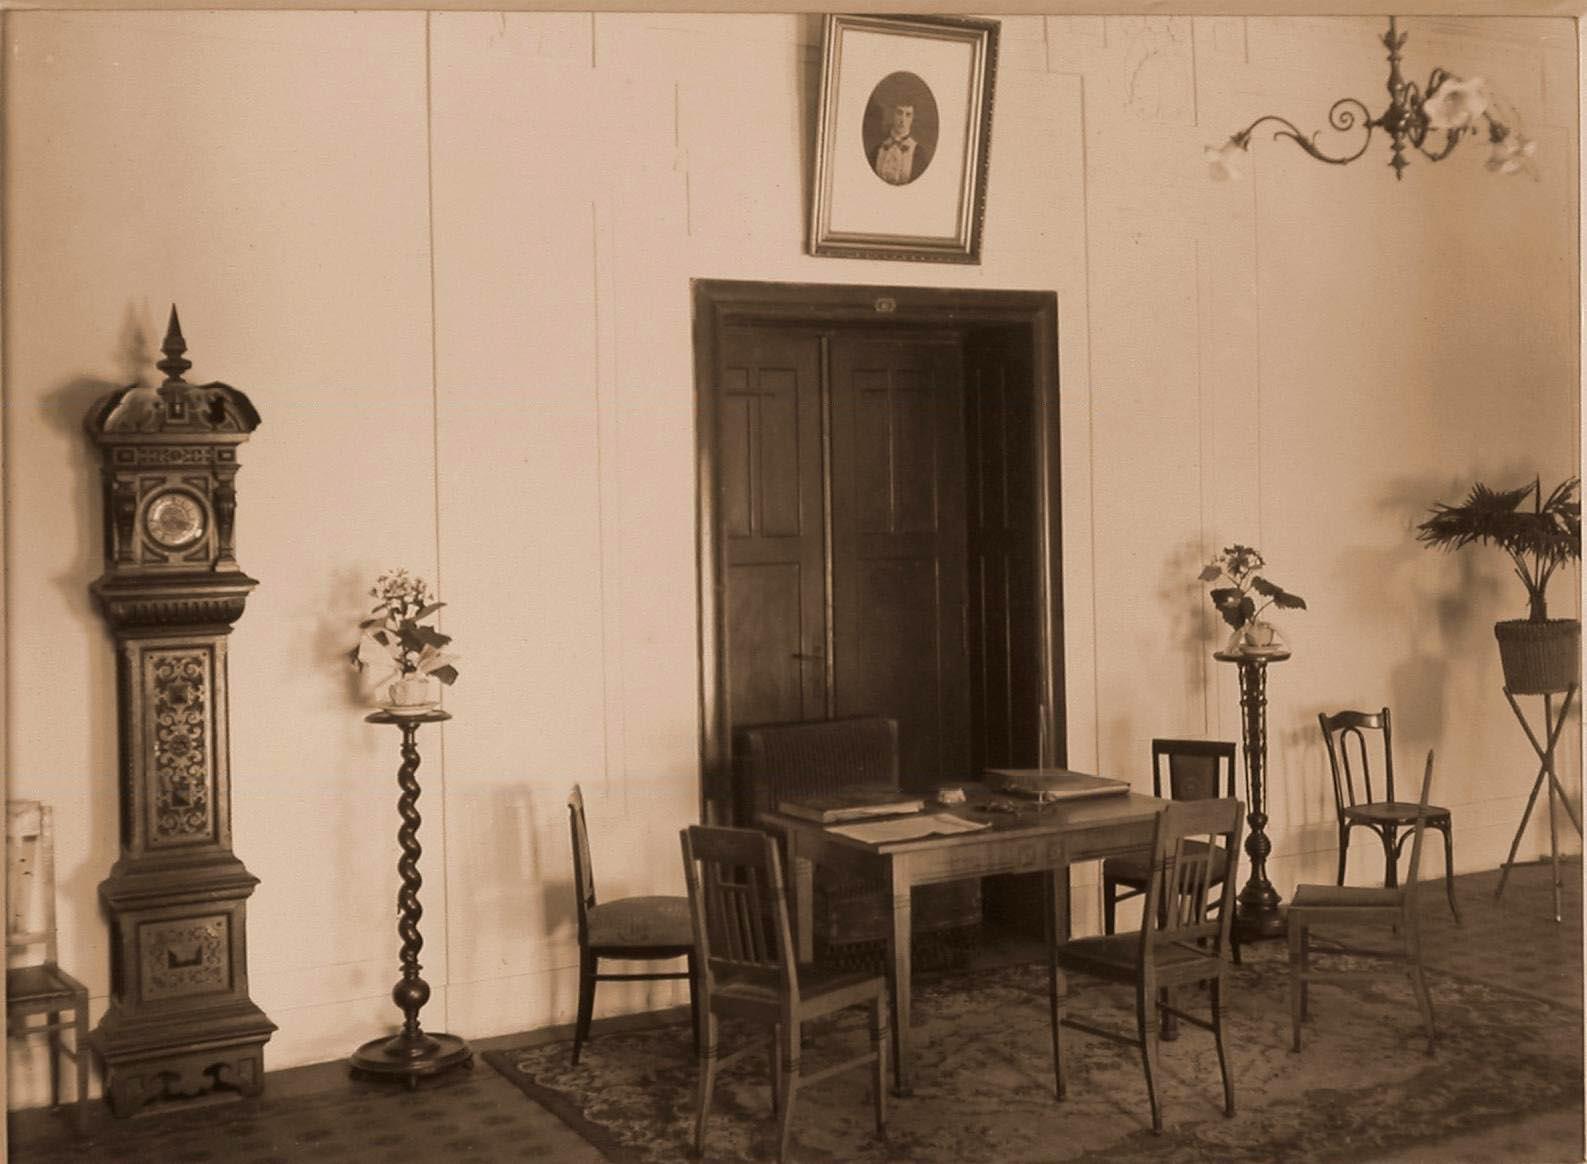 06. Вид приемного кабинета госпиталя